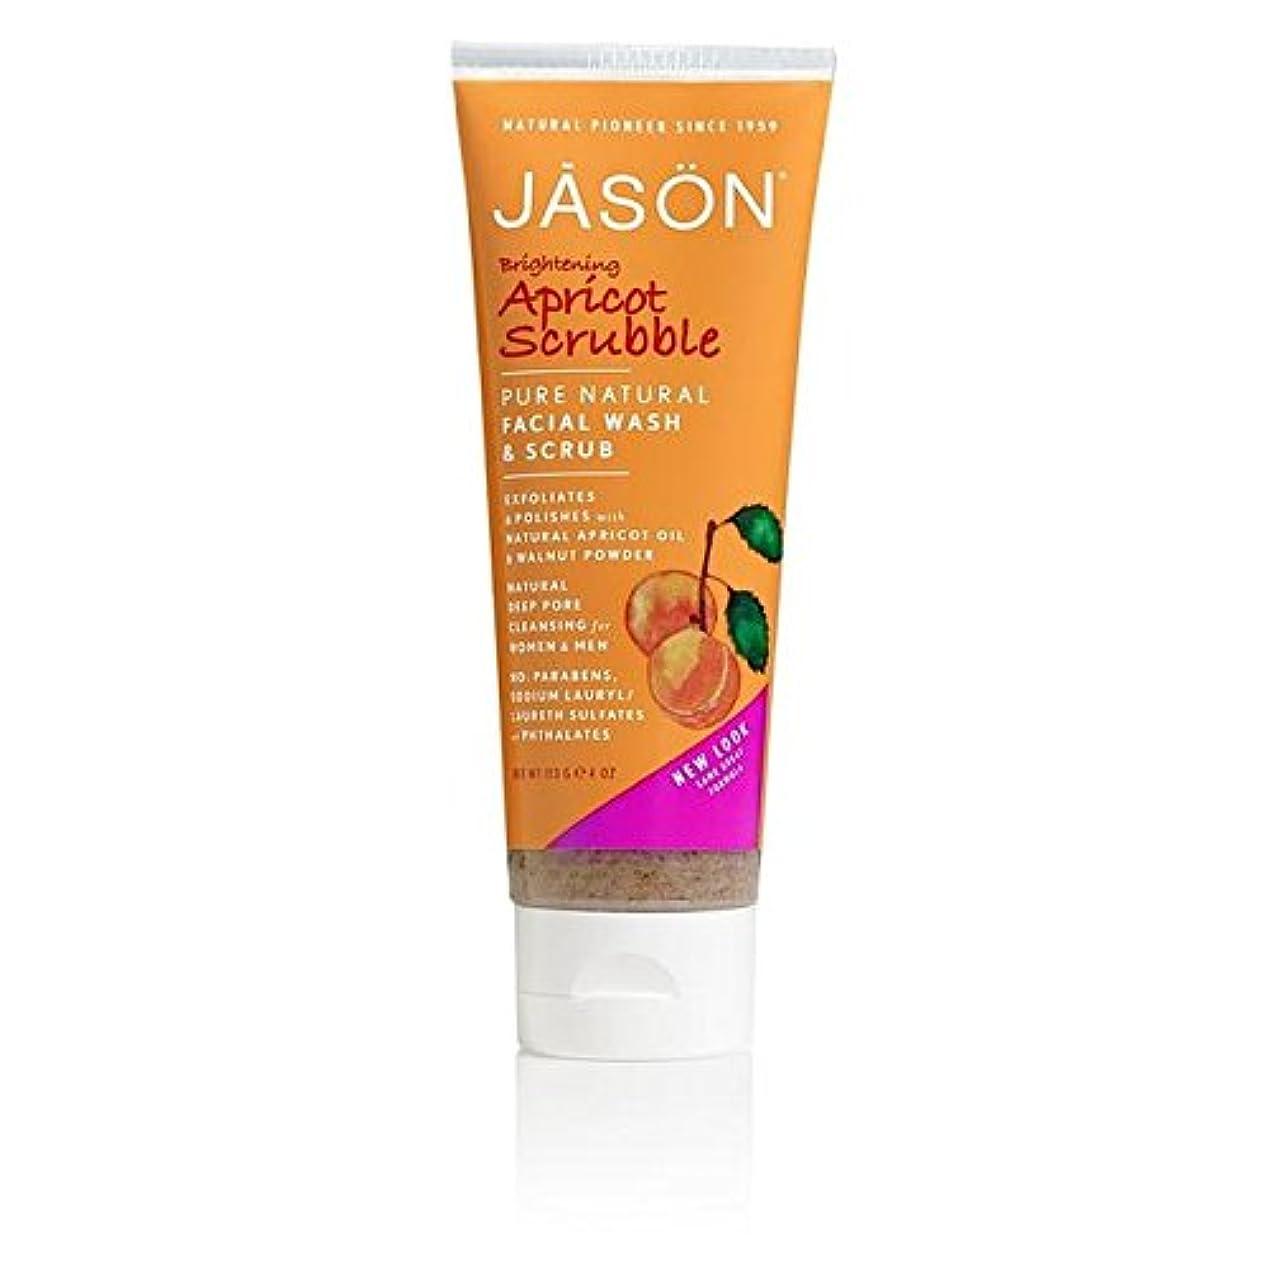 尾ドリンク地質学Jason Apricot Facial Wash & Scrub 128ml - ジェイソン?アプリコット洗顔&スクラブ128ミリリットル [並行輸入品]